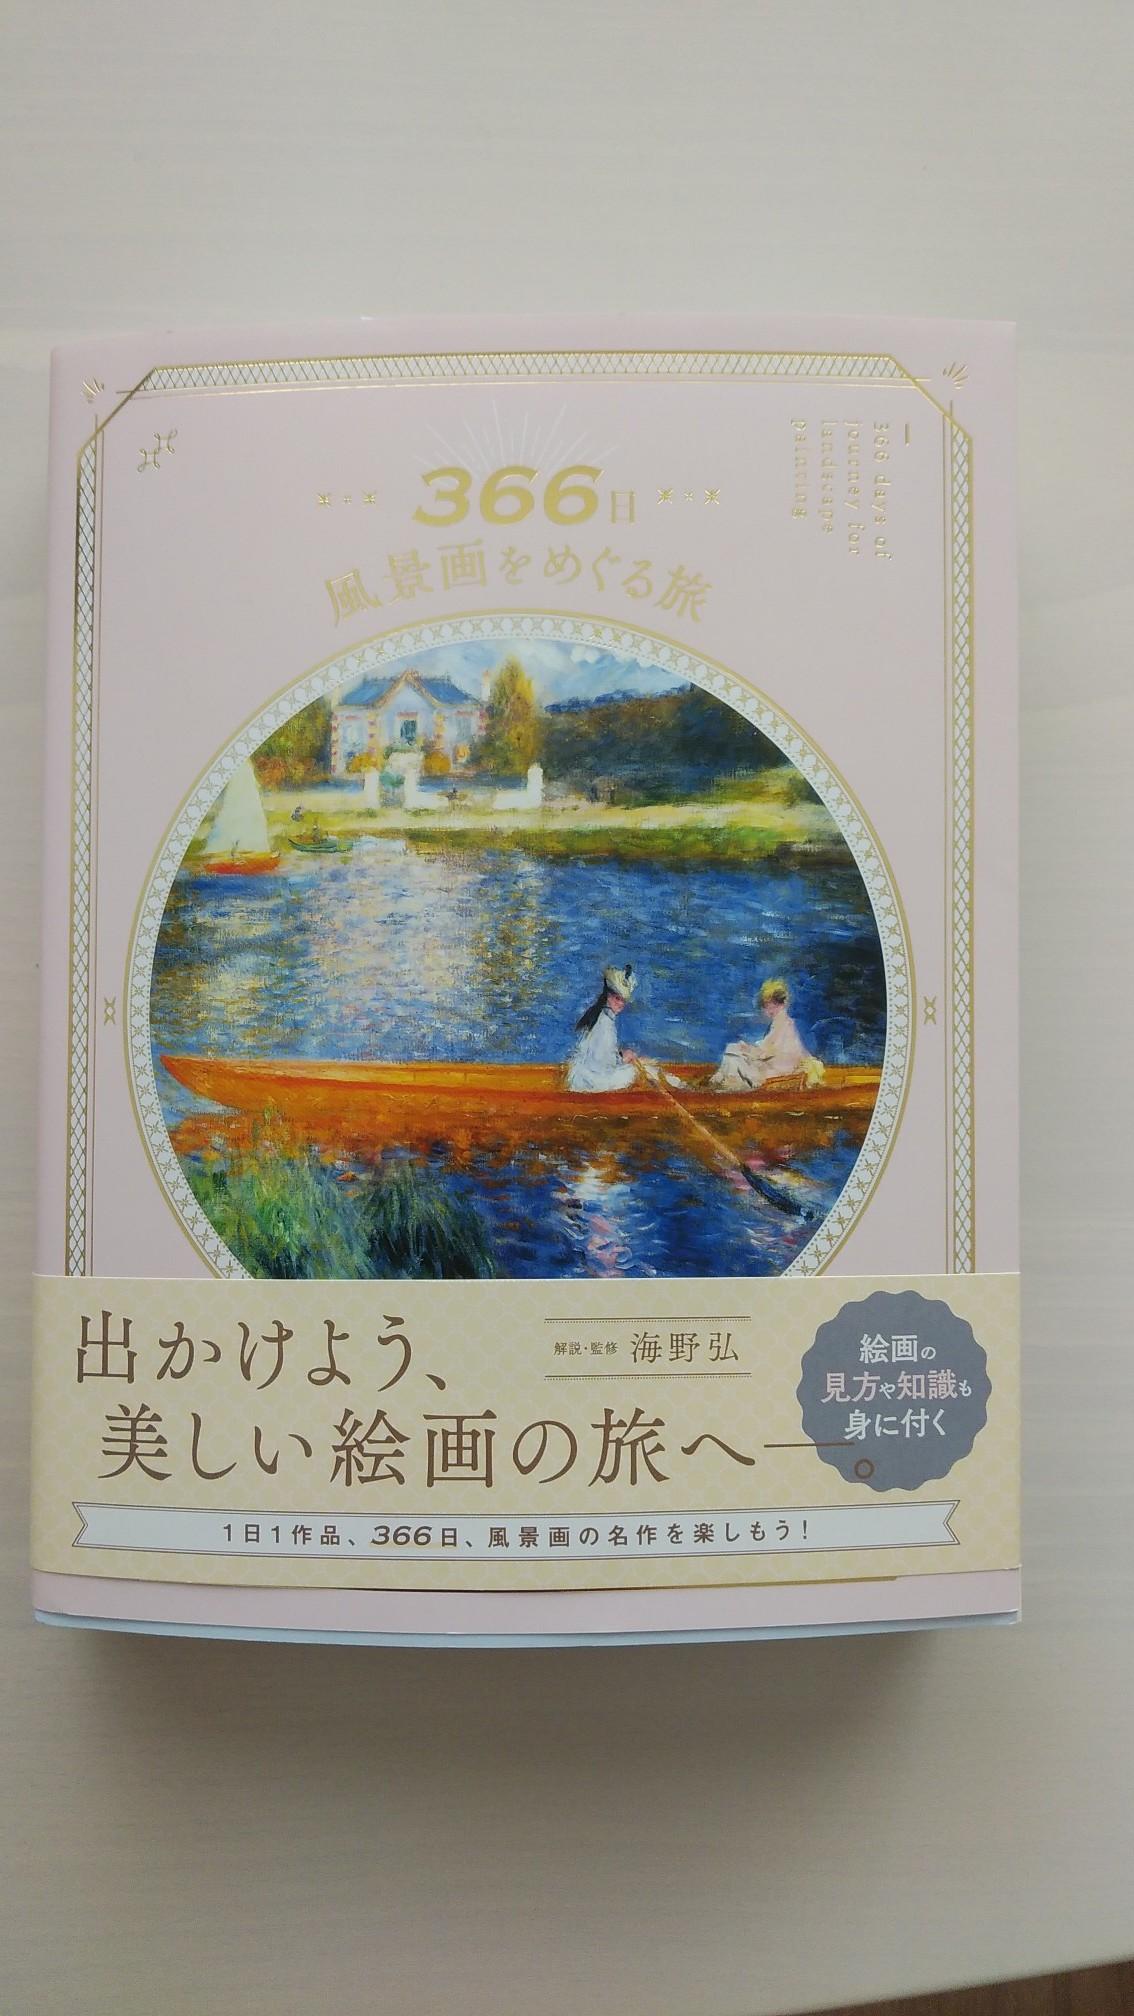 「366日風景画をめぐる旅」